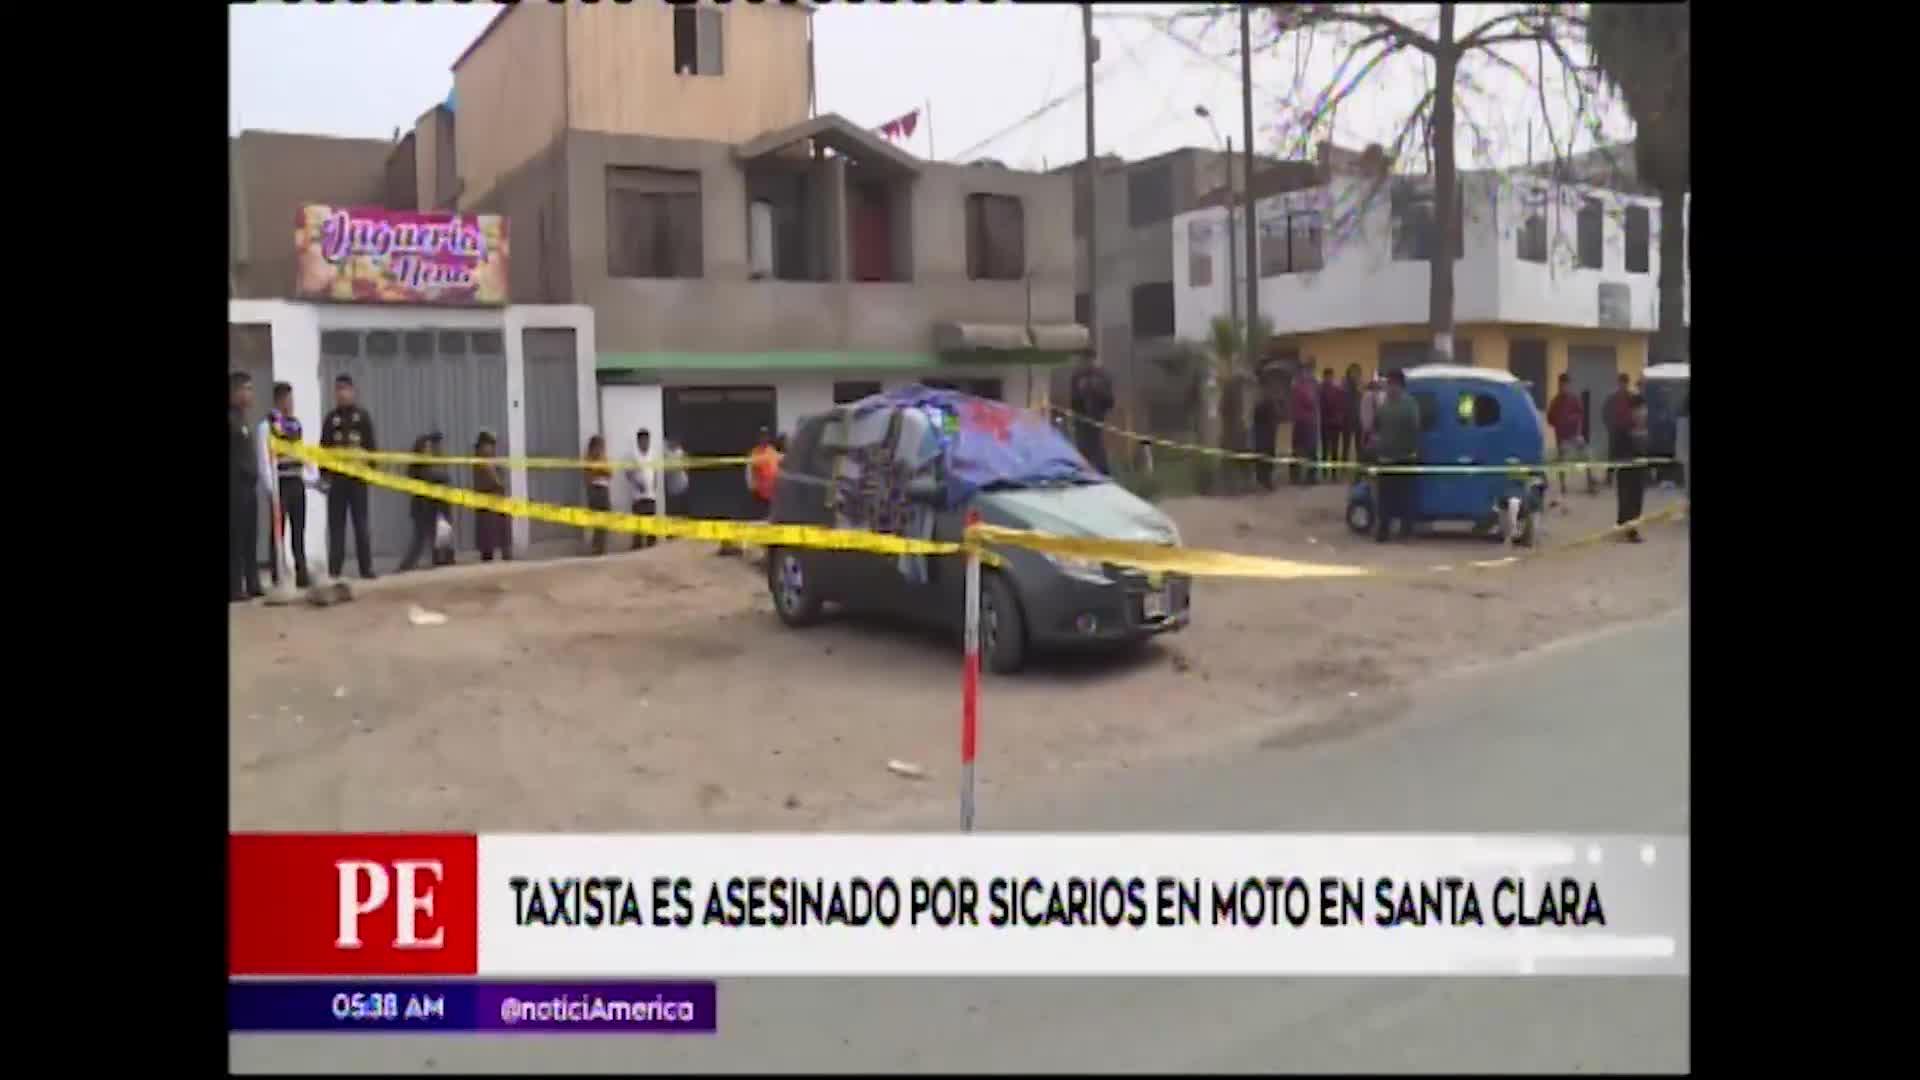 Santa Clara: sicarios asesinan cruelmente a taxista